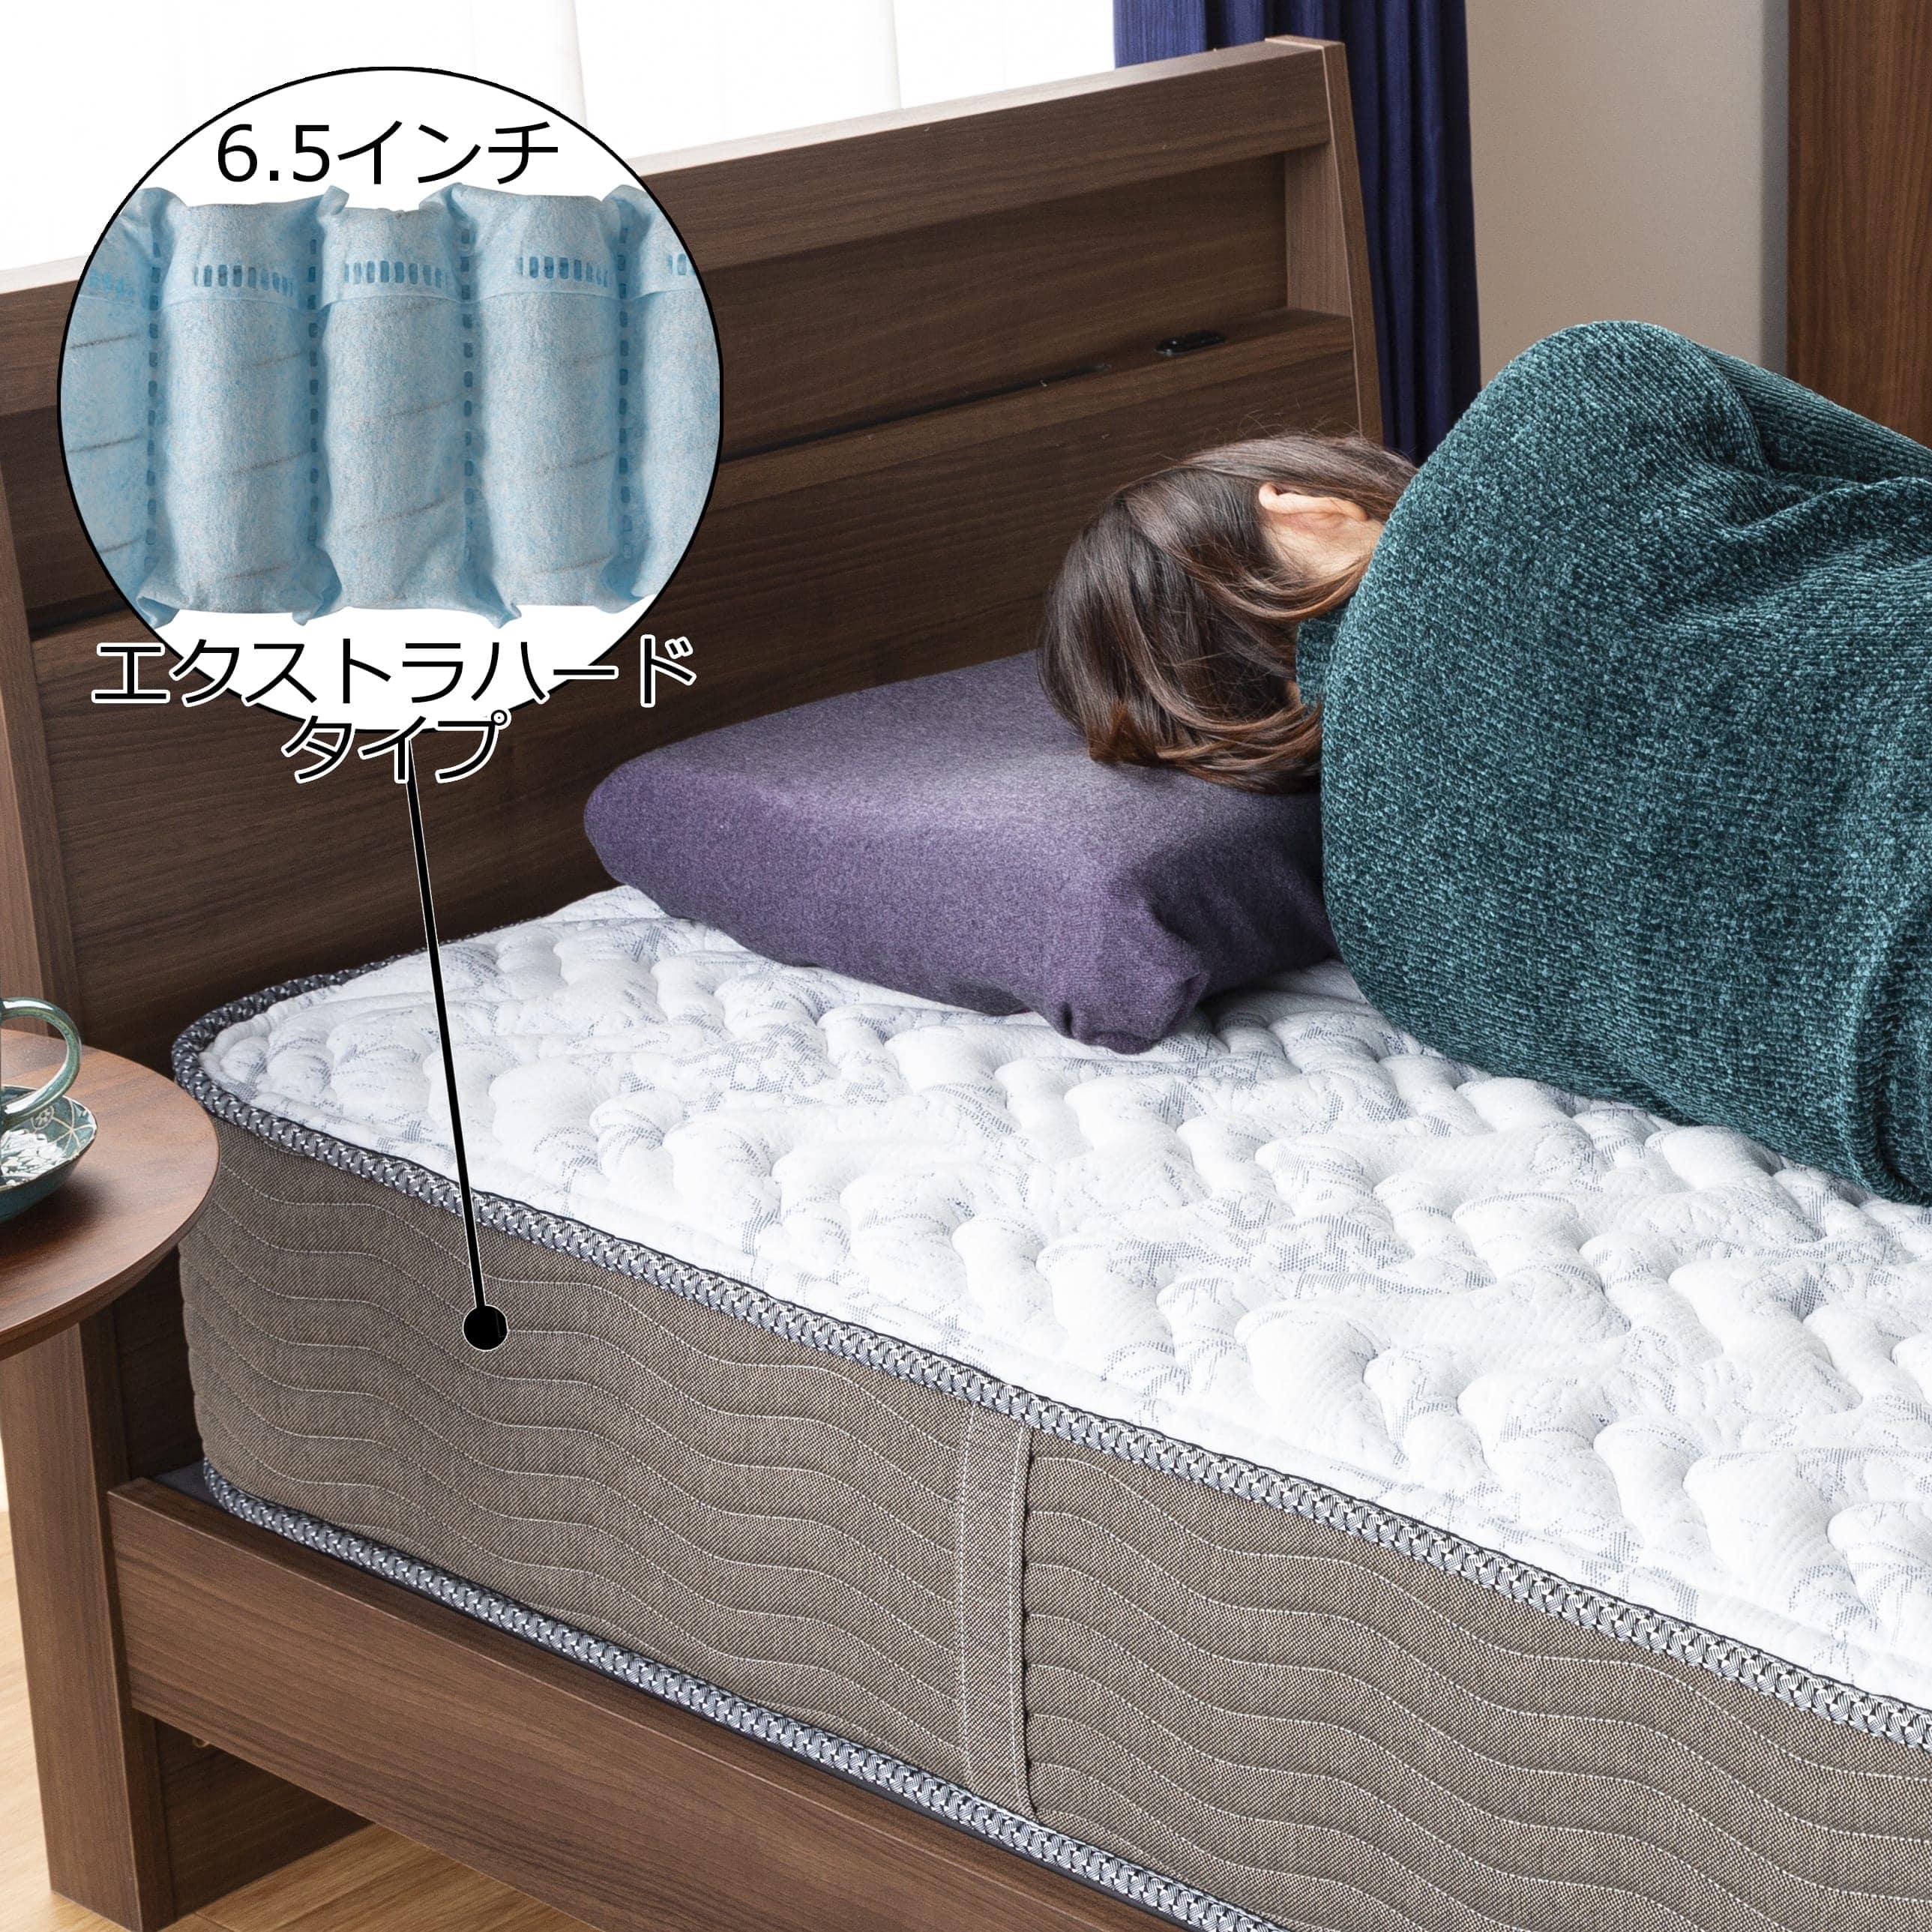 シモンズ 6.5インチEHスイートPRE AB17S17(ダブルマットレス):ソフトな寝心地の、ニューフィットタイプ